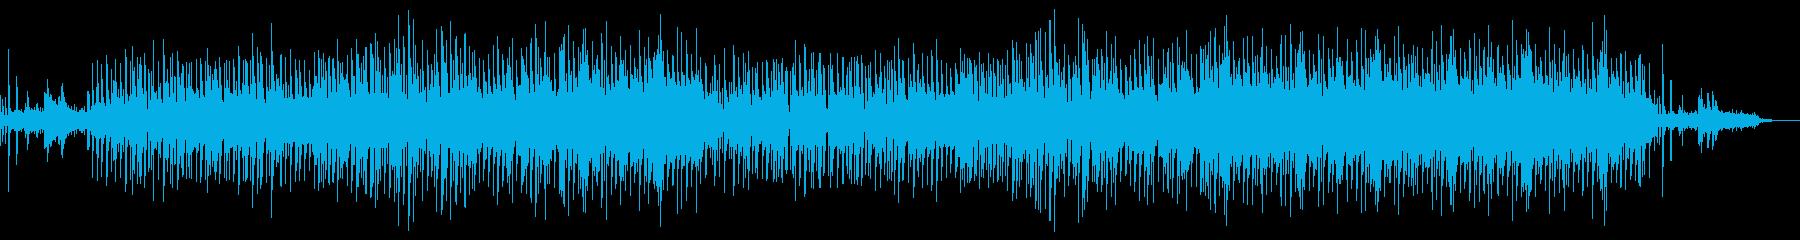 ストリングスを多様したポップス系BGMの再生済みの波形